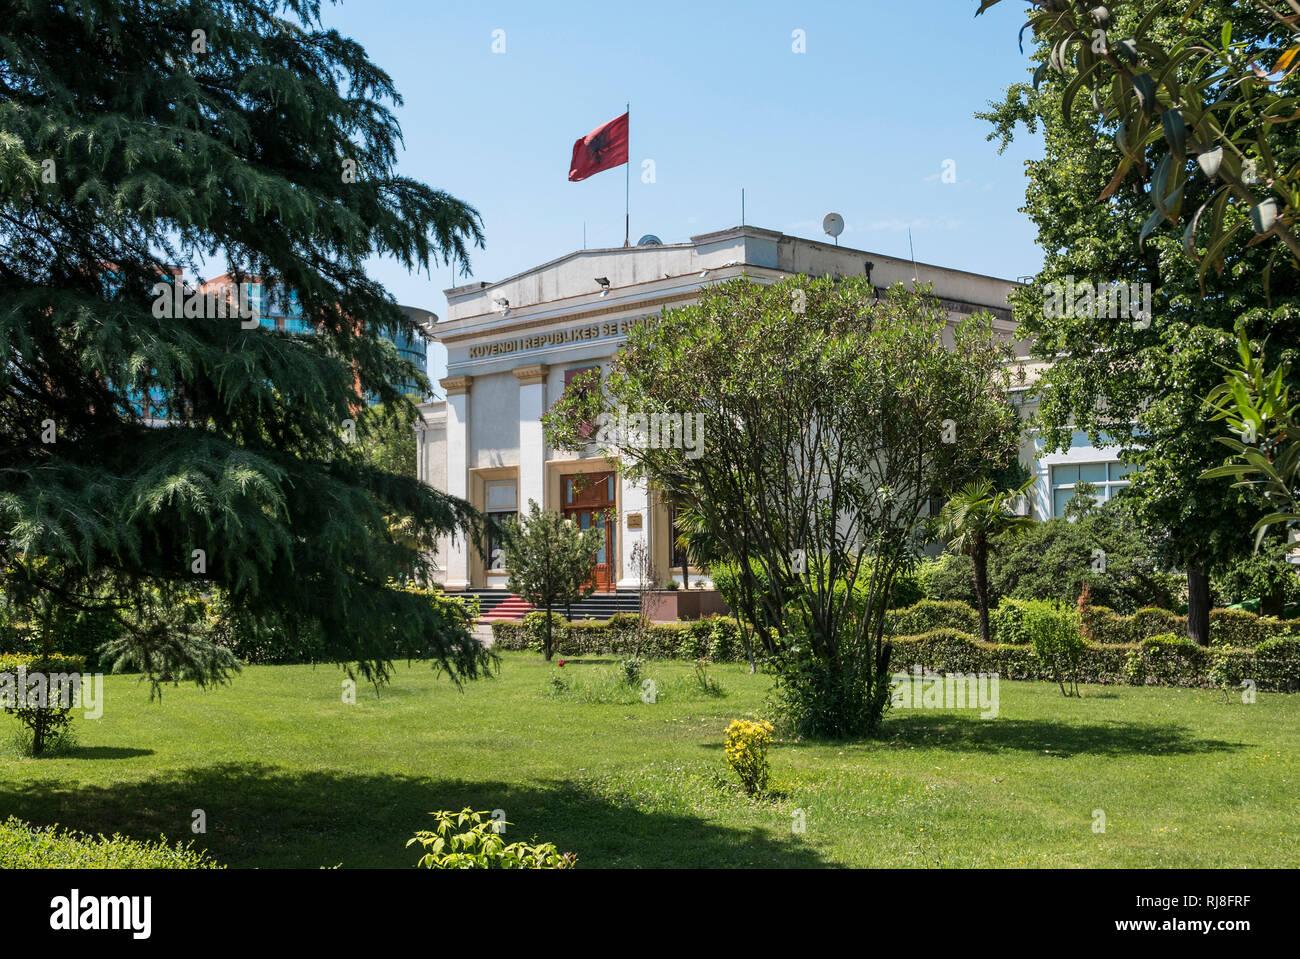 Albanien, Balkanhalbinsel, Südosteuropa, Republik Albanien, Hauptstadt Tirana, Albanisches Parlament - Stock Image